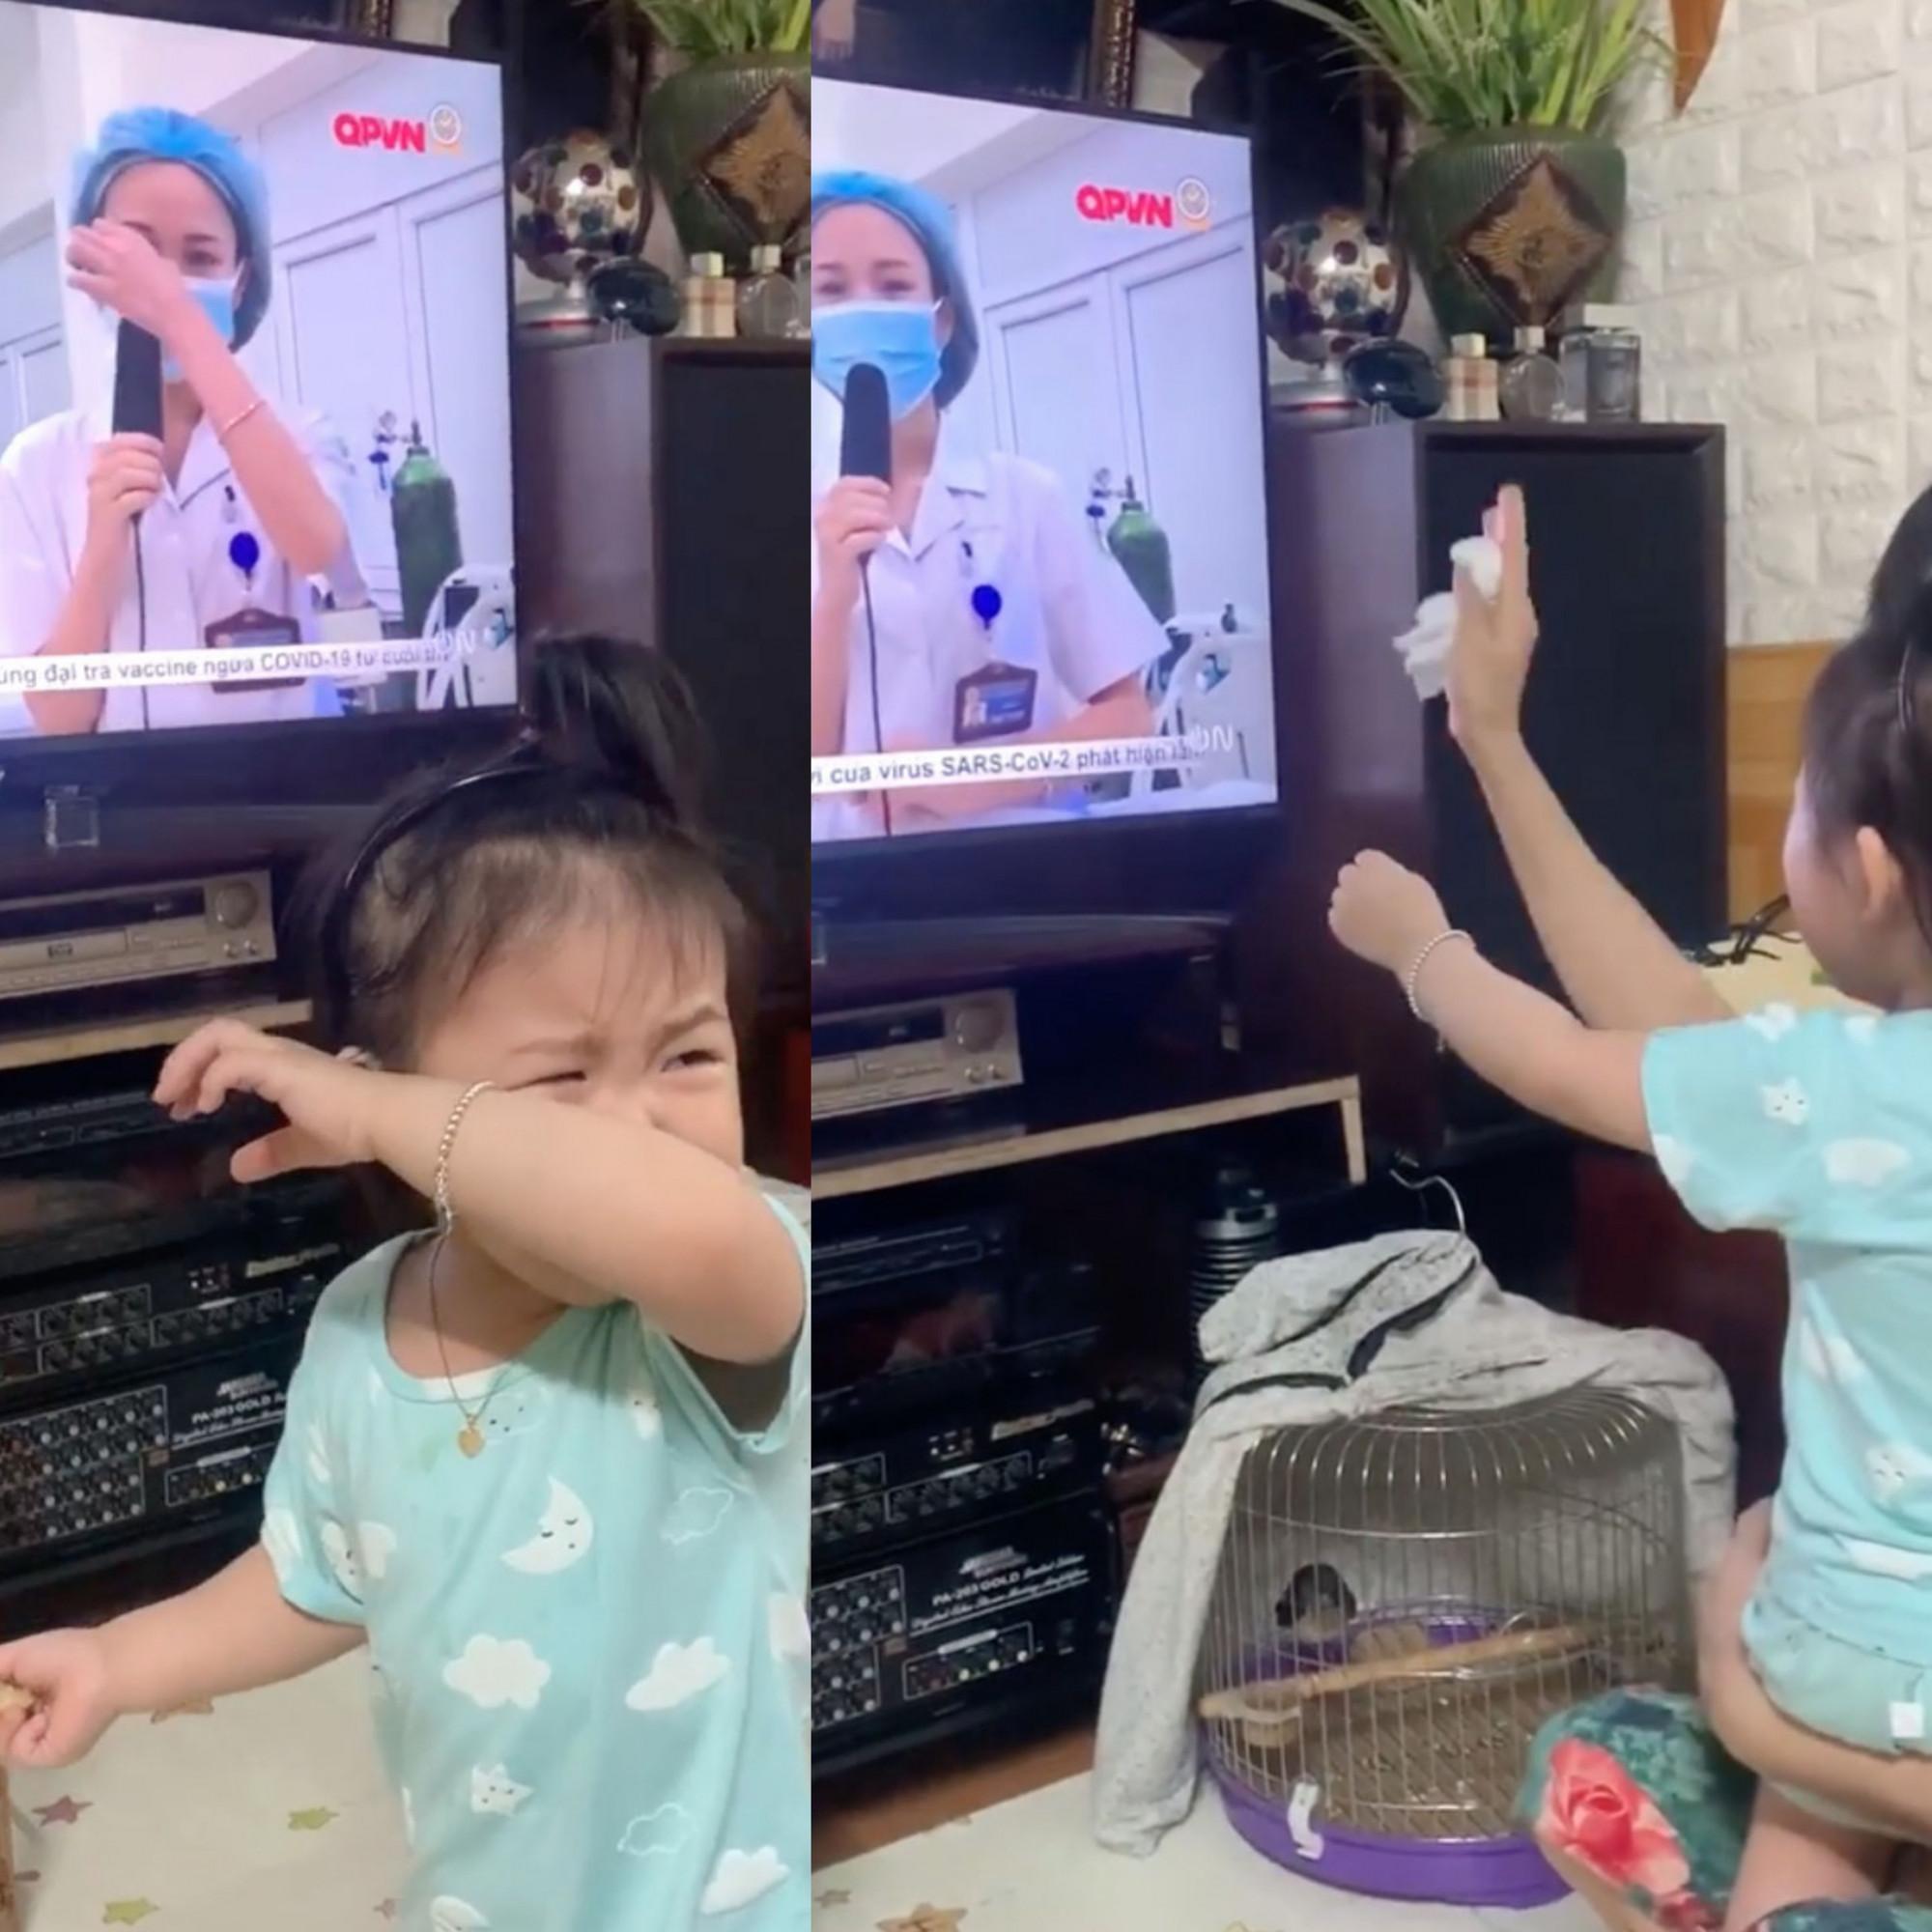 Con gái của điều dưỡng Phùng Thị Hạnh khóc đòi mẹ khi nhìn thấy mẹ trên màn hình ti vi (Ảnh cắt từ clip)